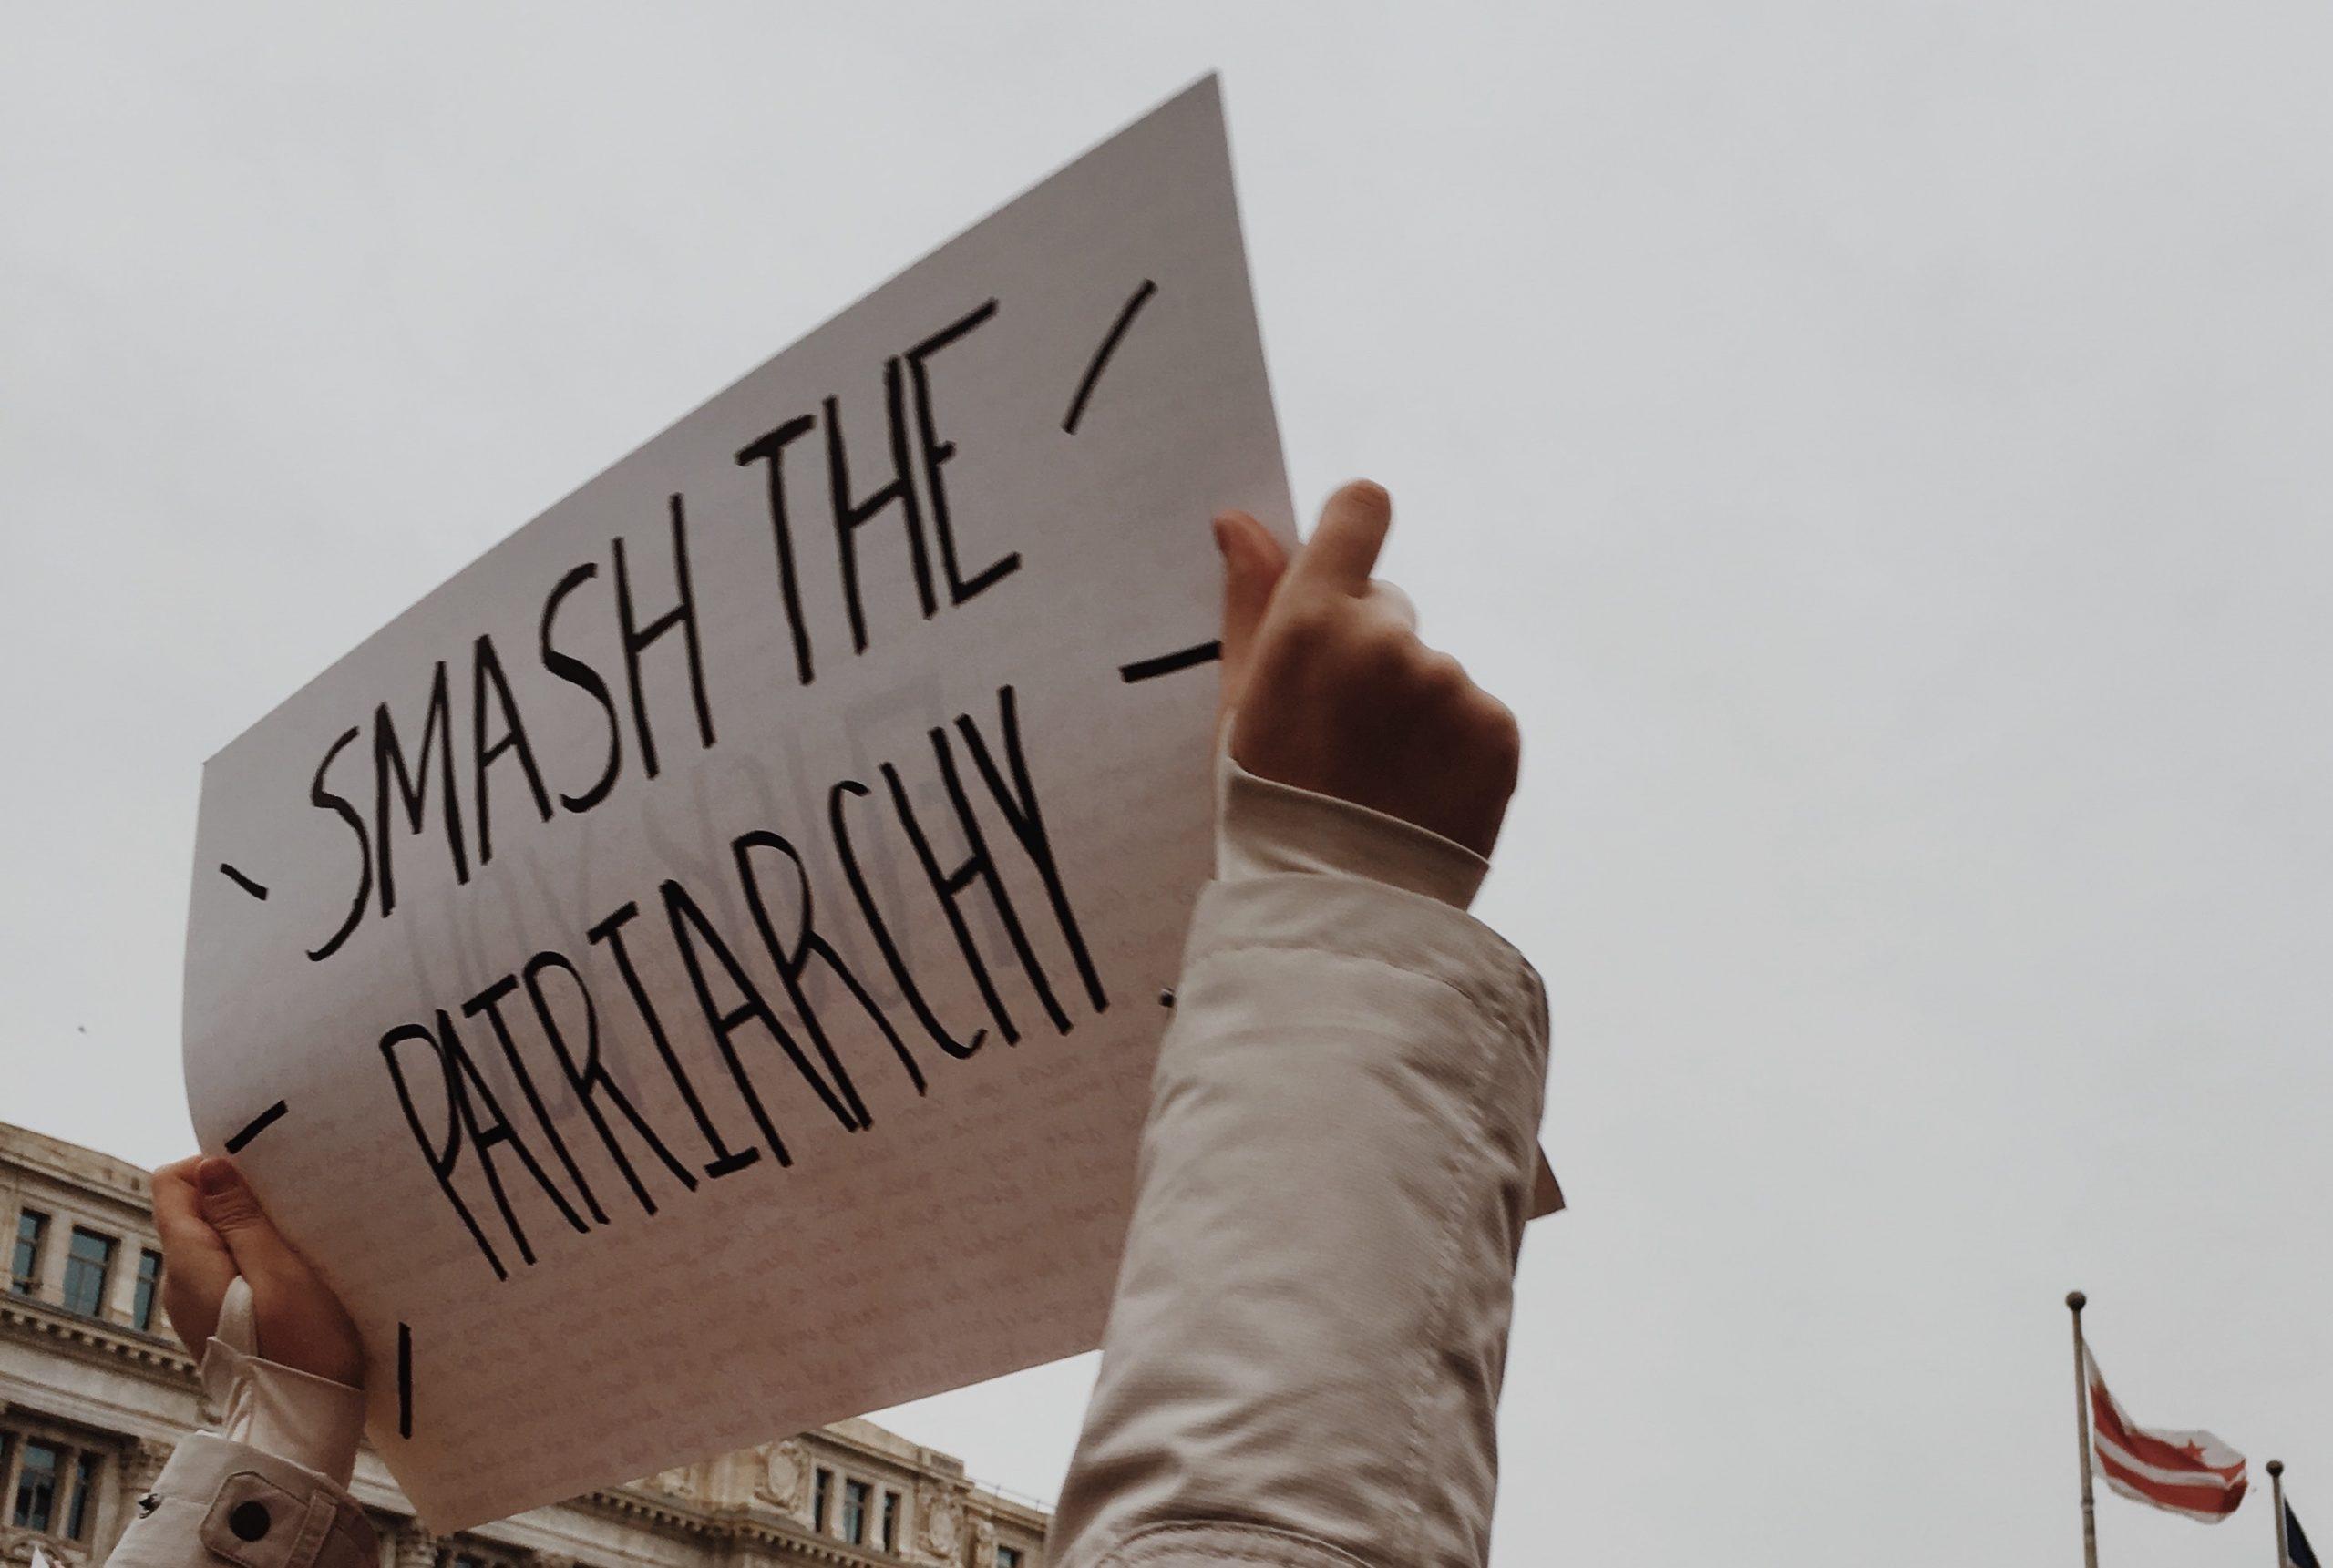 patriarchia